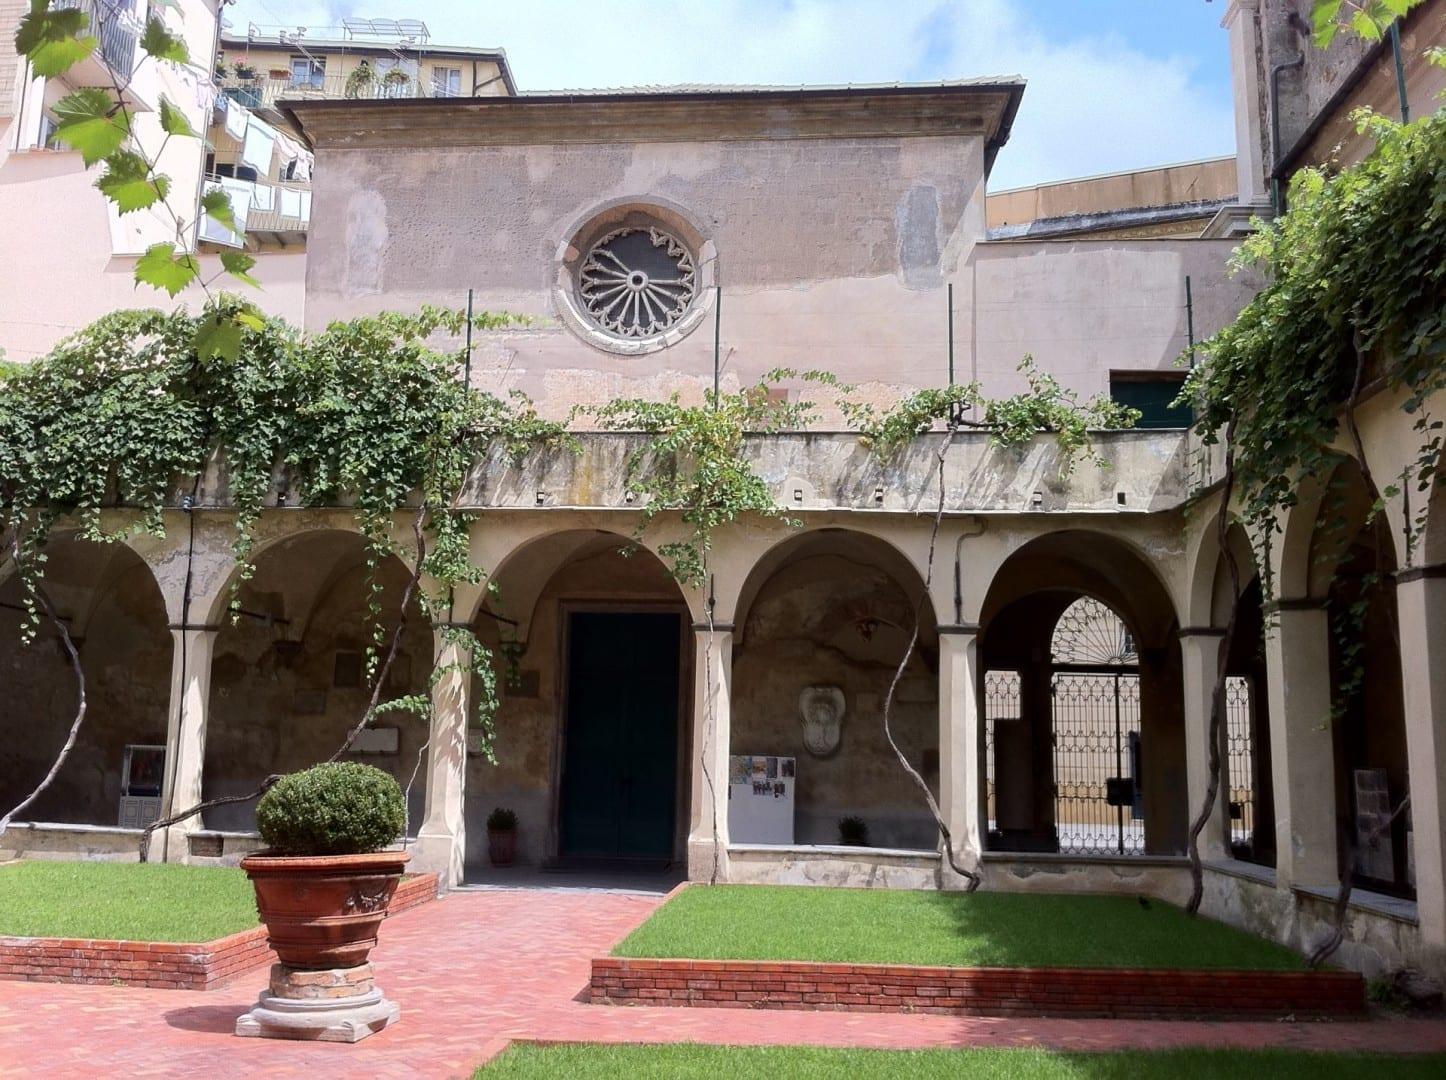 La Capilla Sixtina, en el claustro de la catedral, conserva su aspecto gótico original. Savona Italia